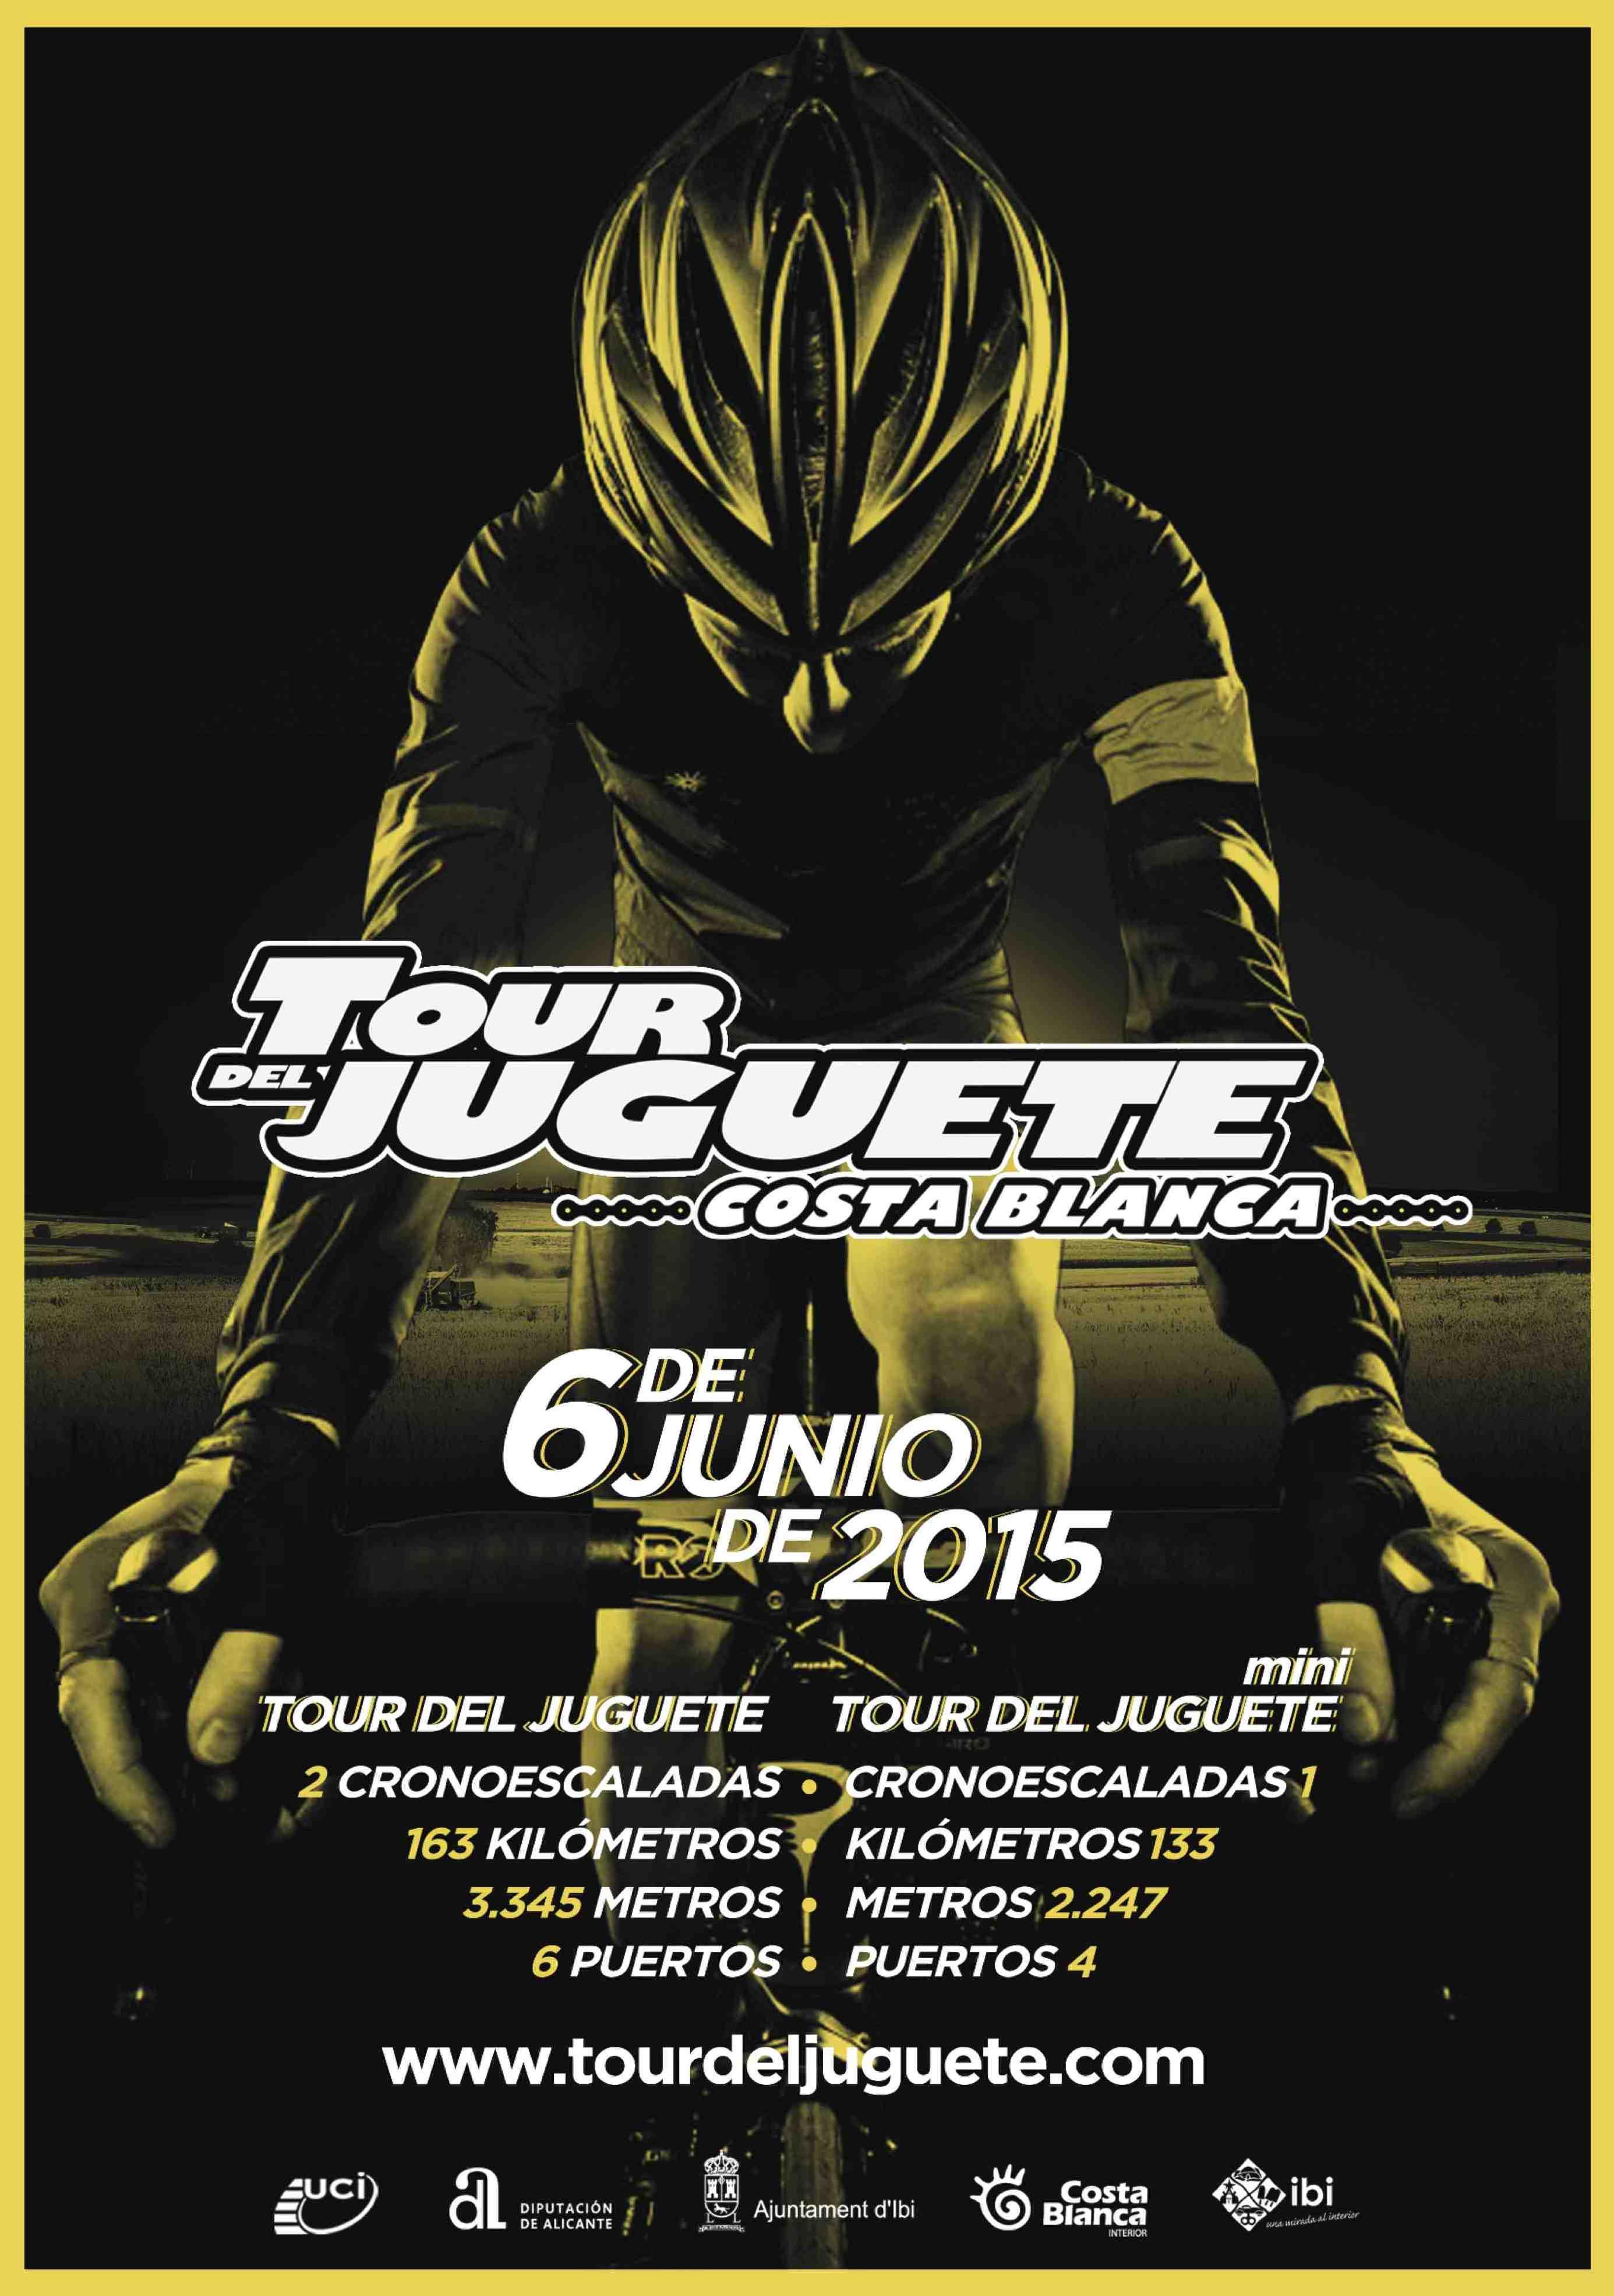 La quinta edición del TOUR del JUGUETE contará con la participación de más de 1.400 personas